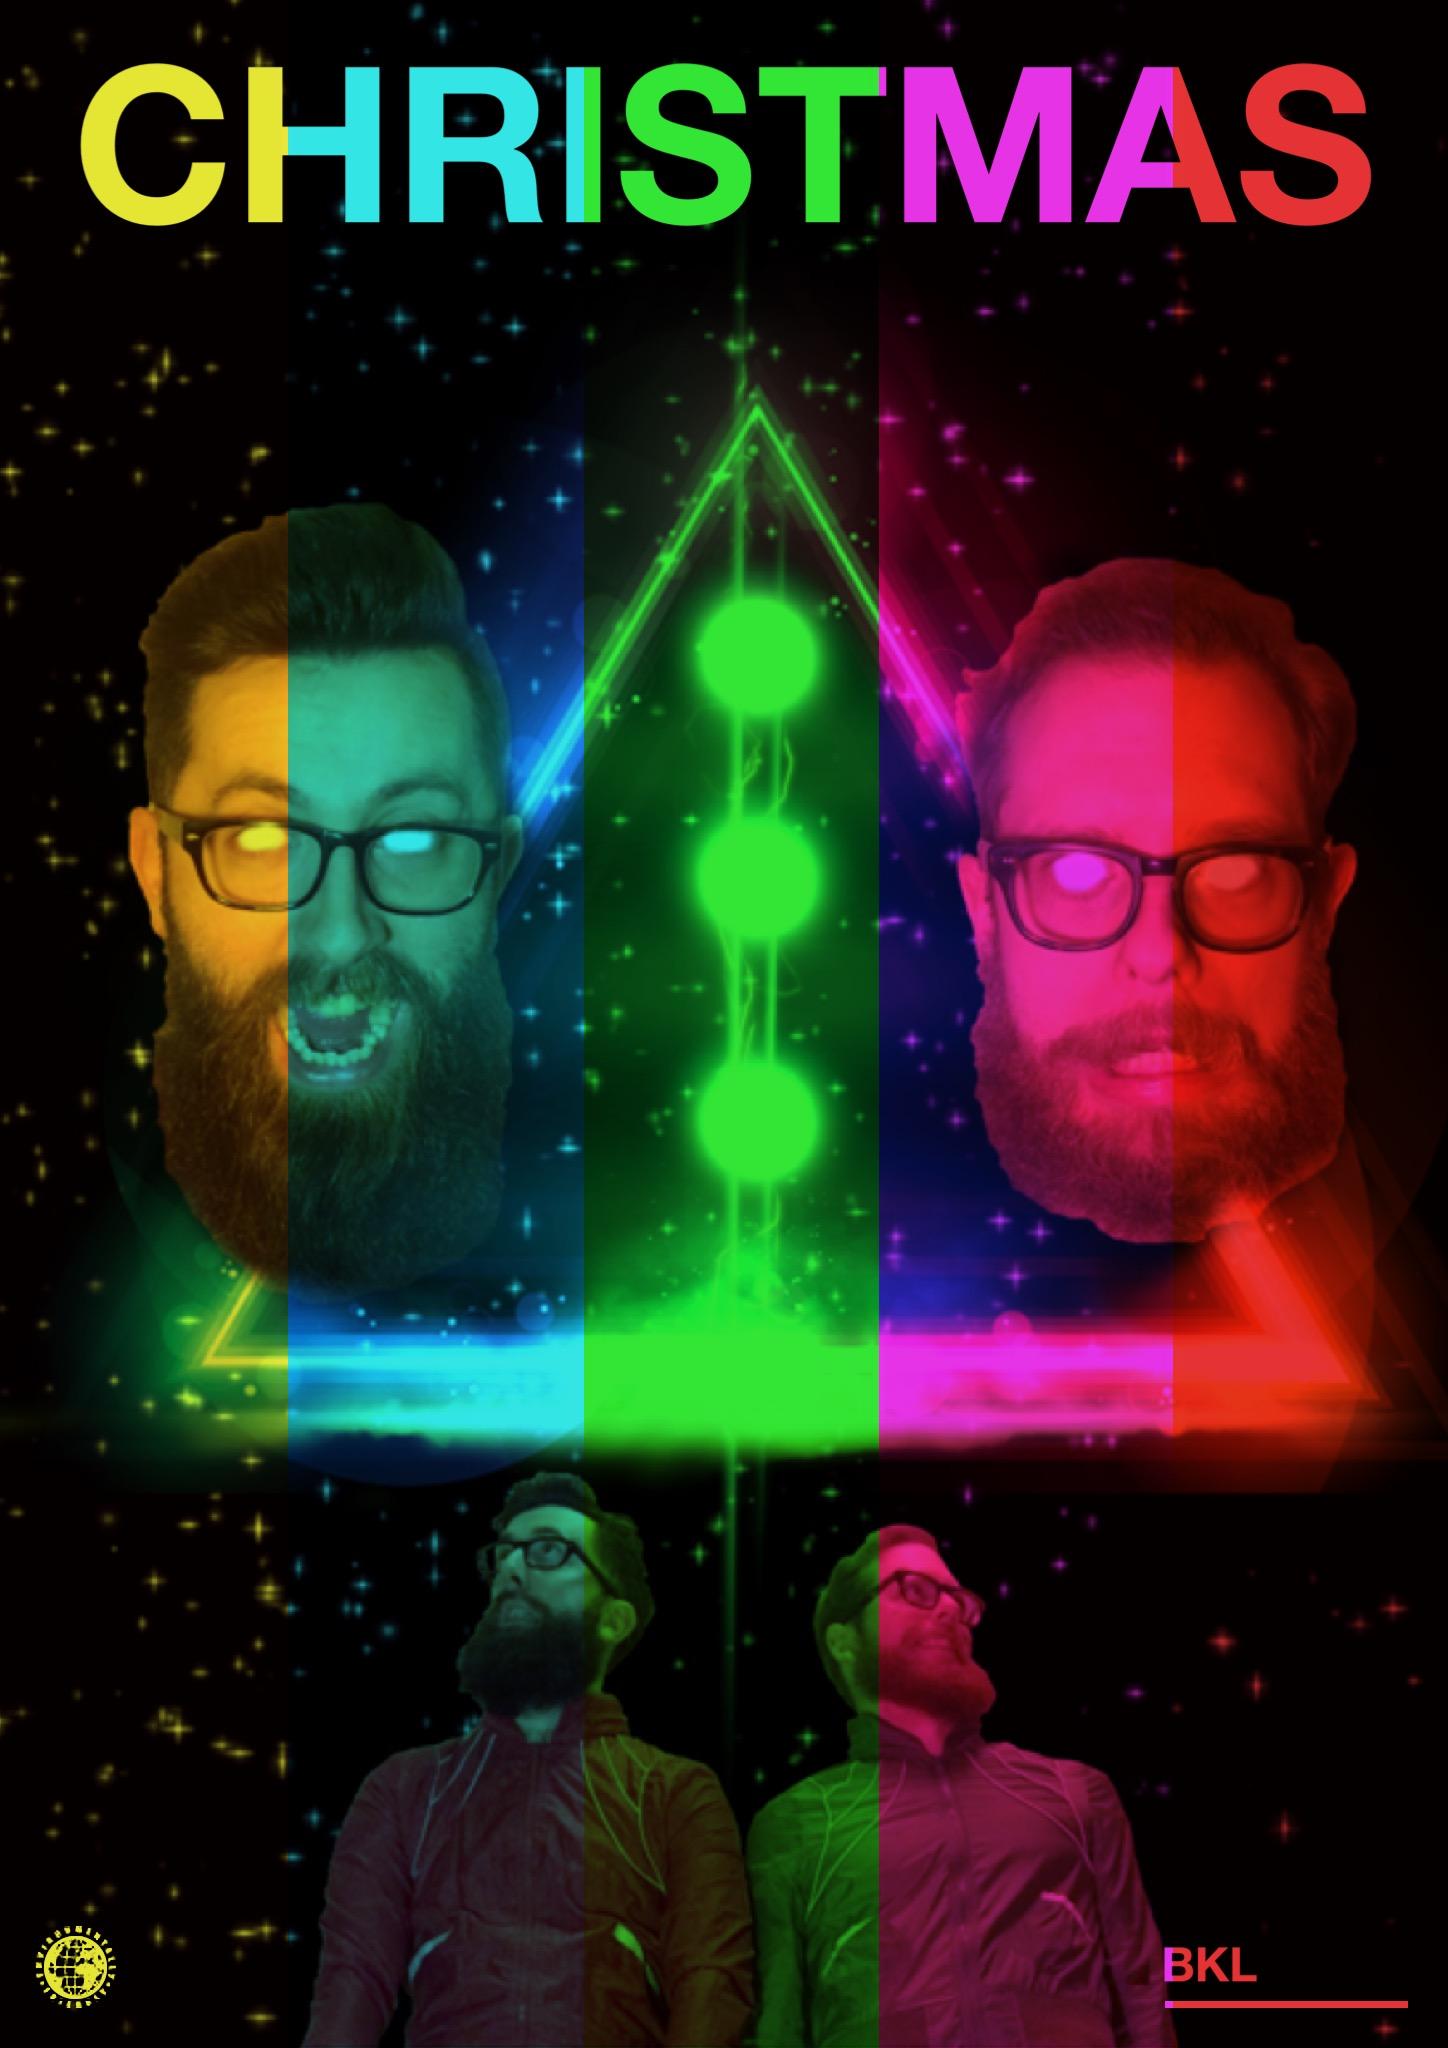 01 - Space Christmas (Rainbow).jpg